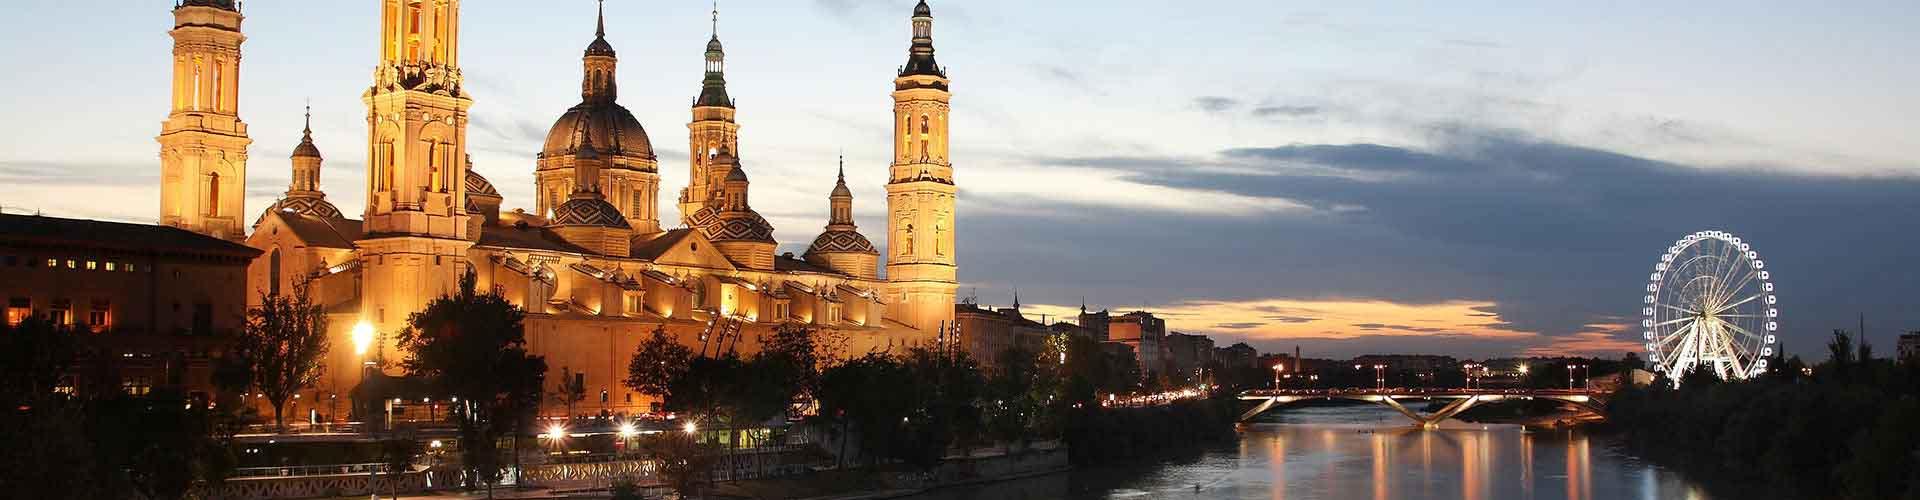 Zaragoza - Auberges de jeunesse dans le quartier de Monsalud. Cartes pour Zaragoza, photos et commentaires pour chaque auberge de jeunesse à Zaragoza.